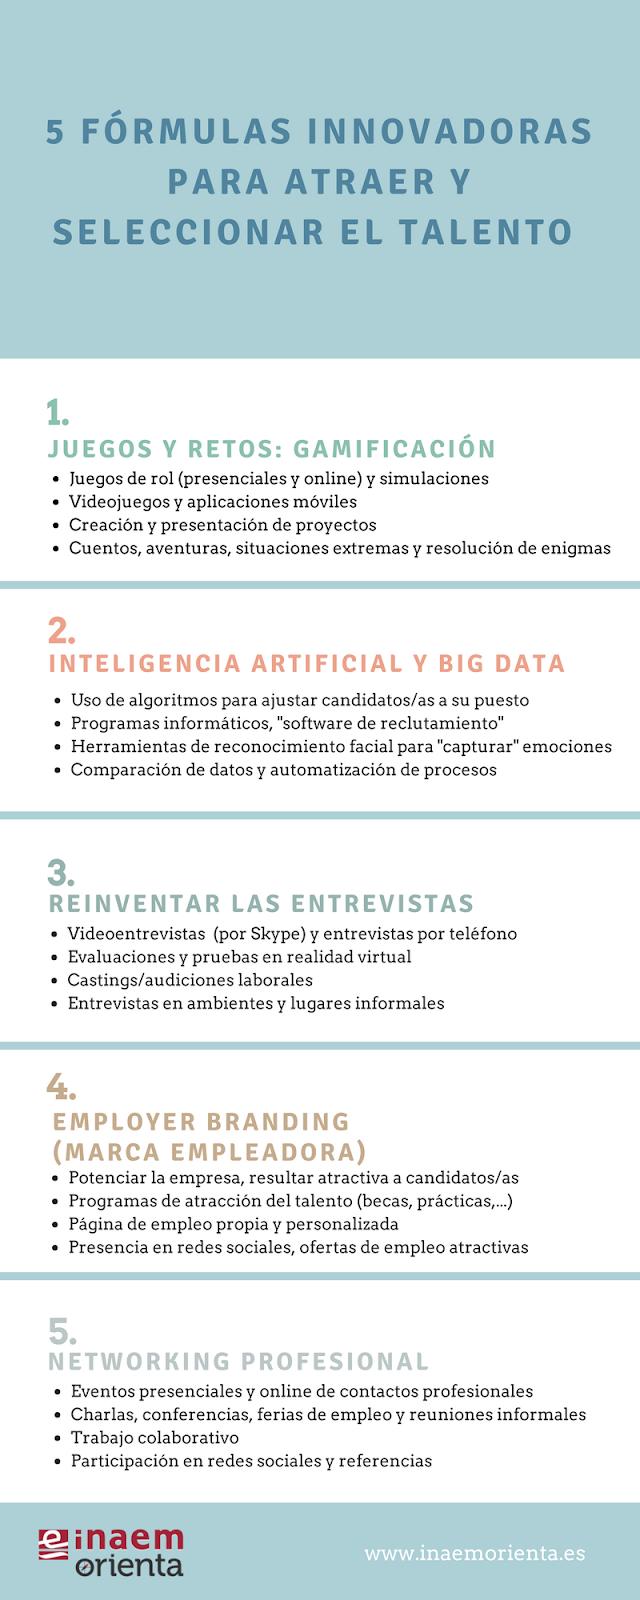 Infografía: 5 fórmulas innovadoras para atraer y seleccionar talento